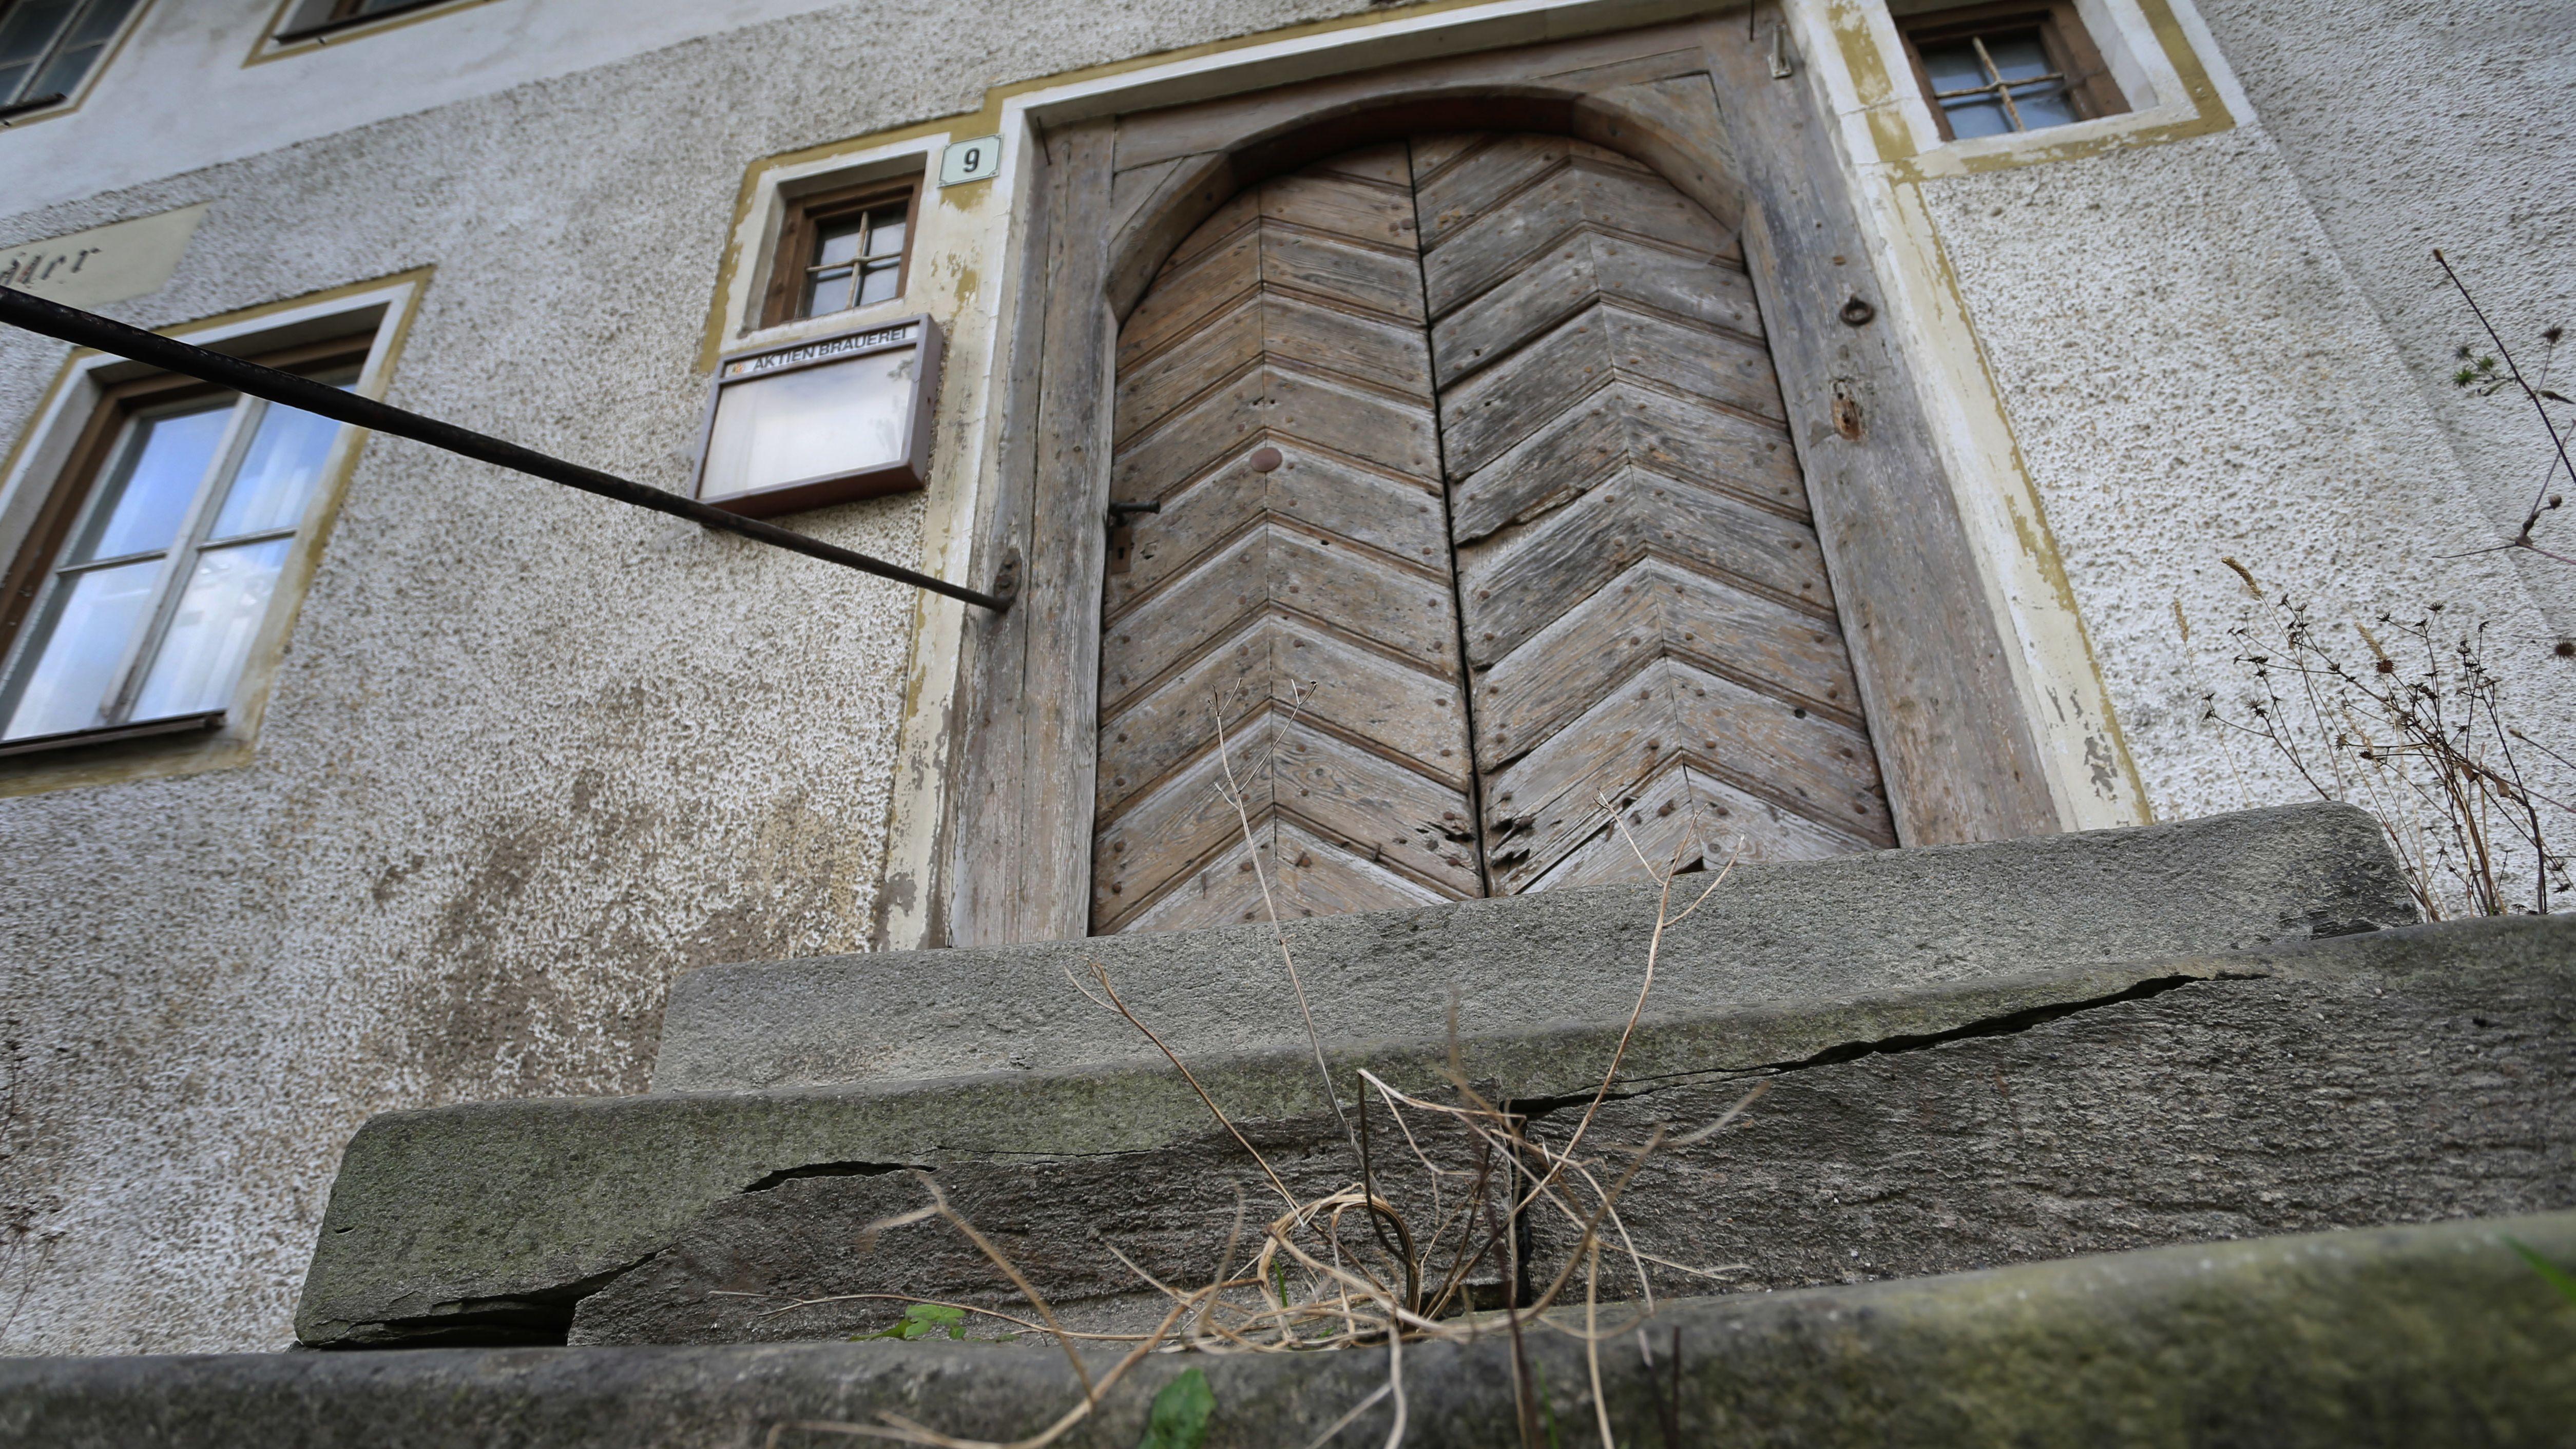 Der Eingang eines leerstehenden ehemaligen Dorfwirtshauses in Burggen (Bayern) im Landkreis Weilheim/Schongau